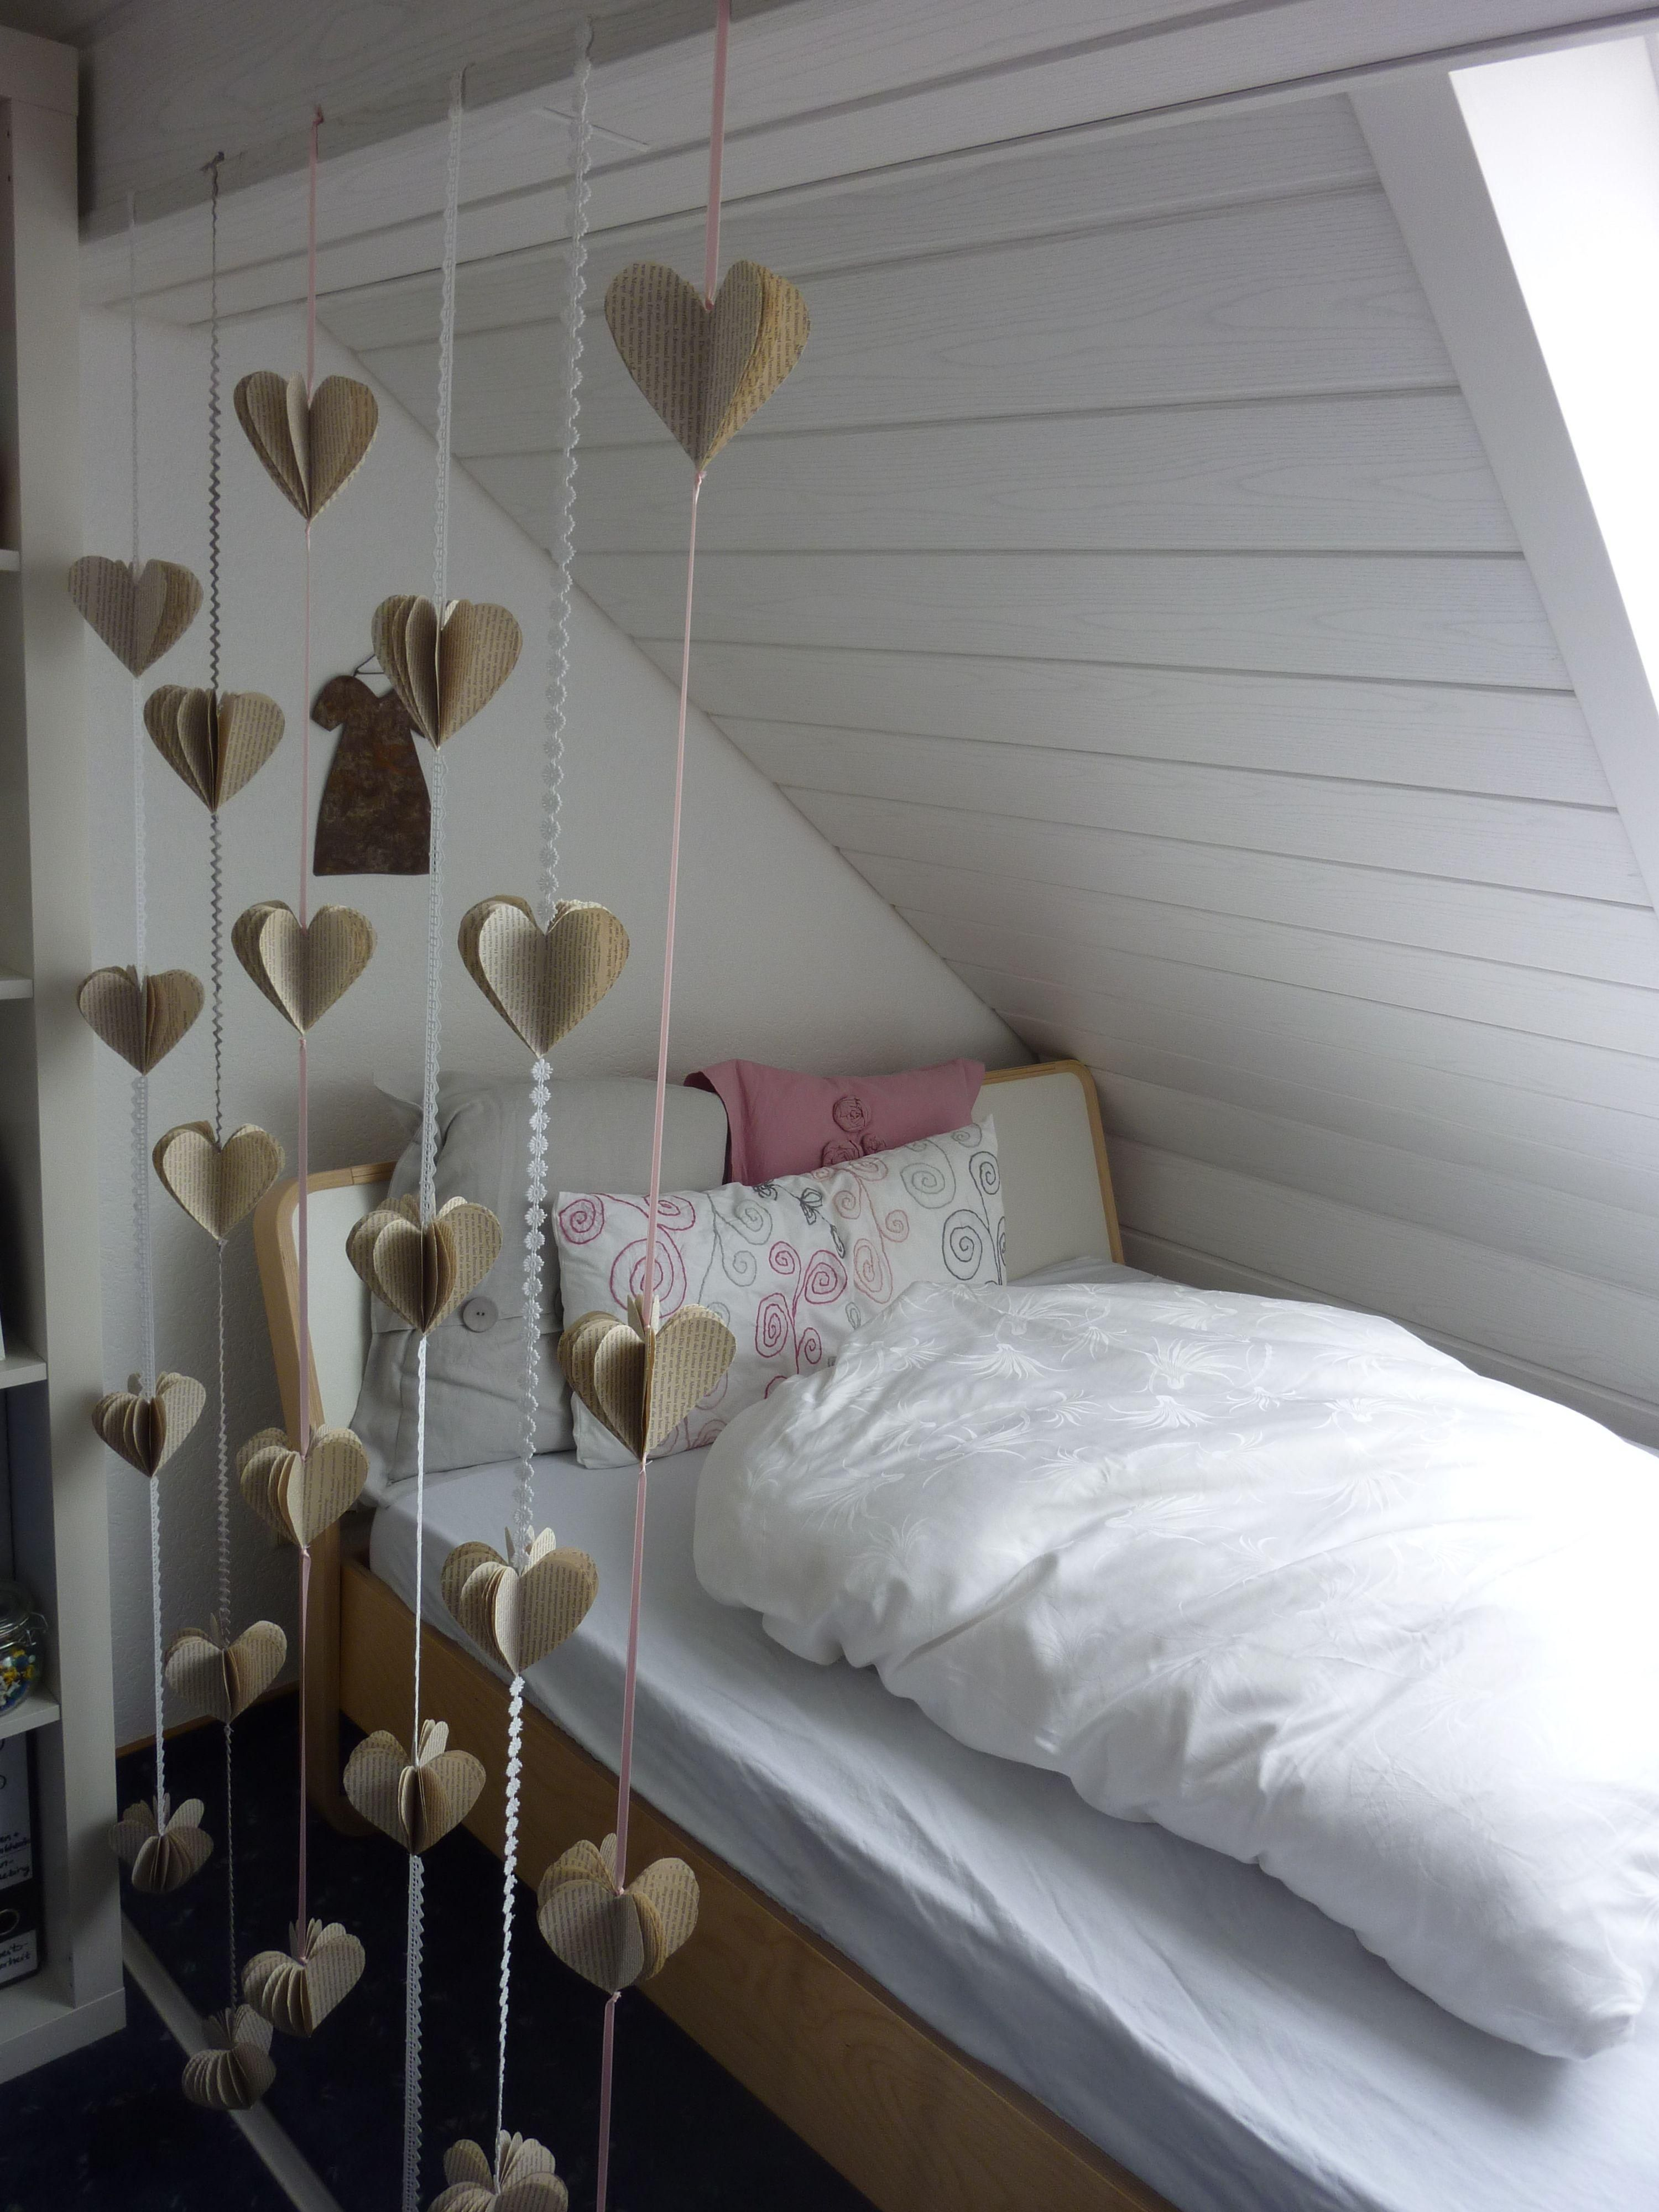 8 Kinderzimmer Ideen Fr Kleine Zimmer Mit Dachschrge   Kleine zimmer, Zimmer, Raumteiler ...